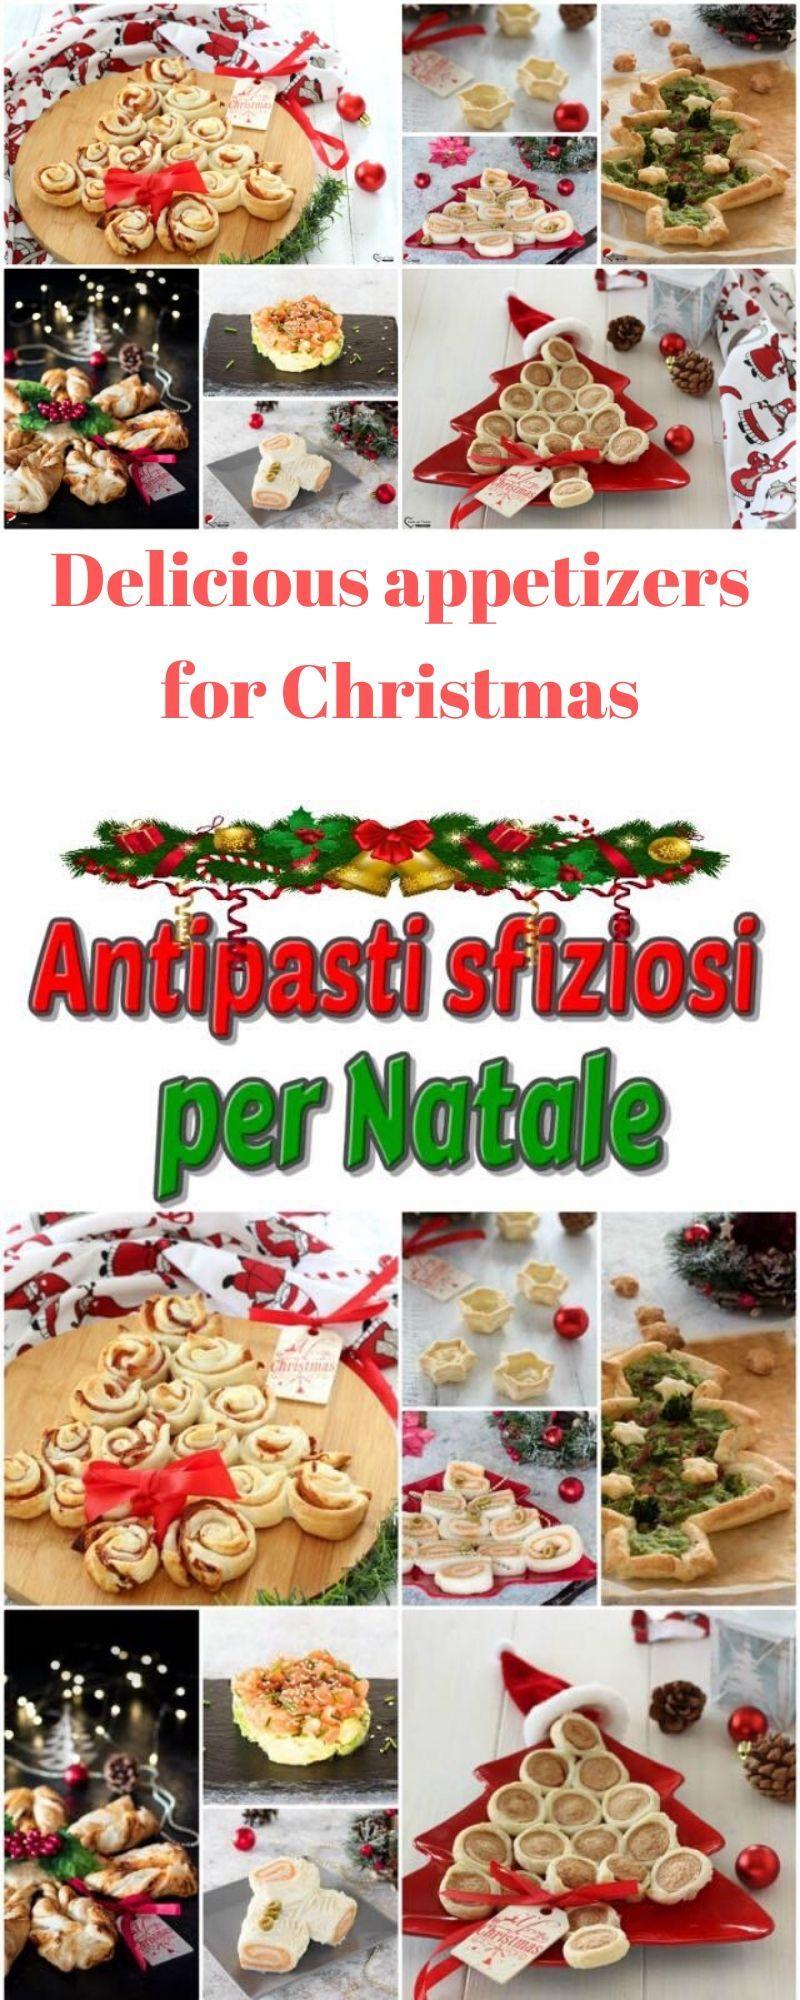 Antipasti Di Natale Cucina Italiana.Antipasti Sfiziosi Per Natale Ricette Facili E Veloci Per Tutti I Gusti Ricette Antipasti Di Natale Alimenti Di Natale